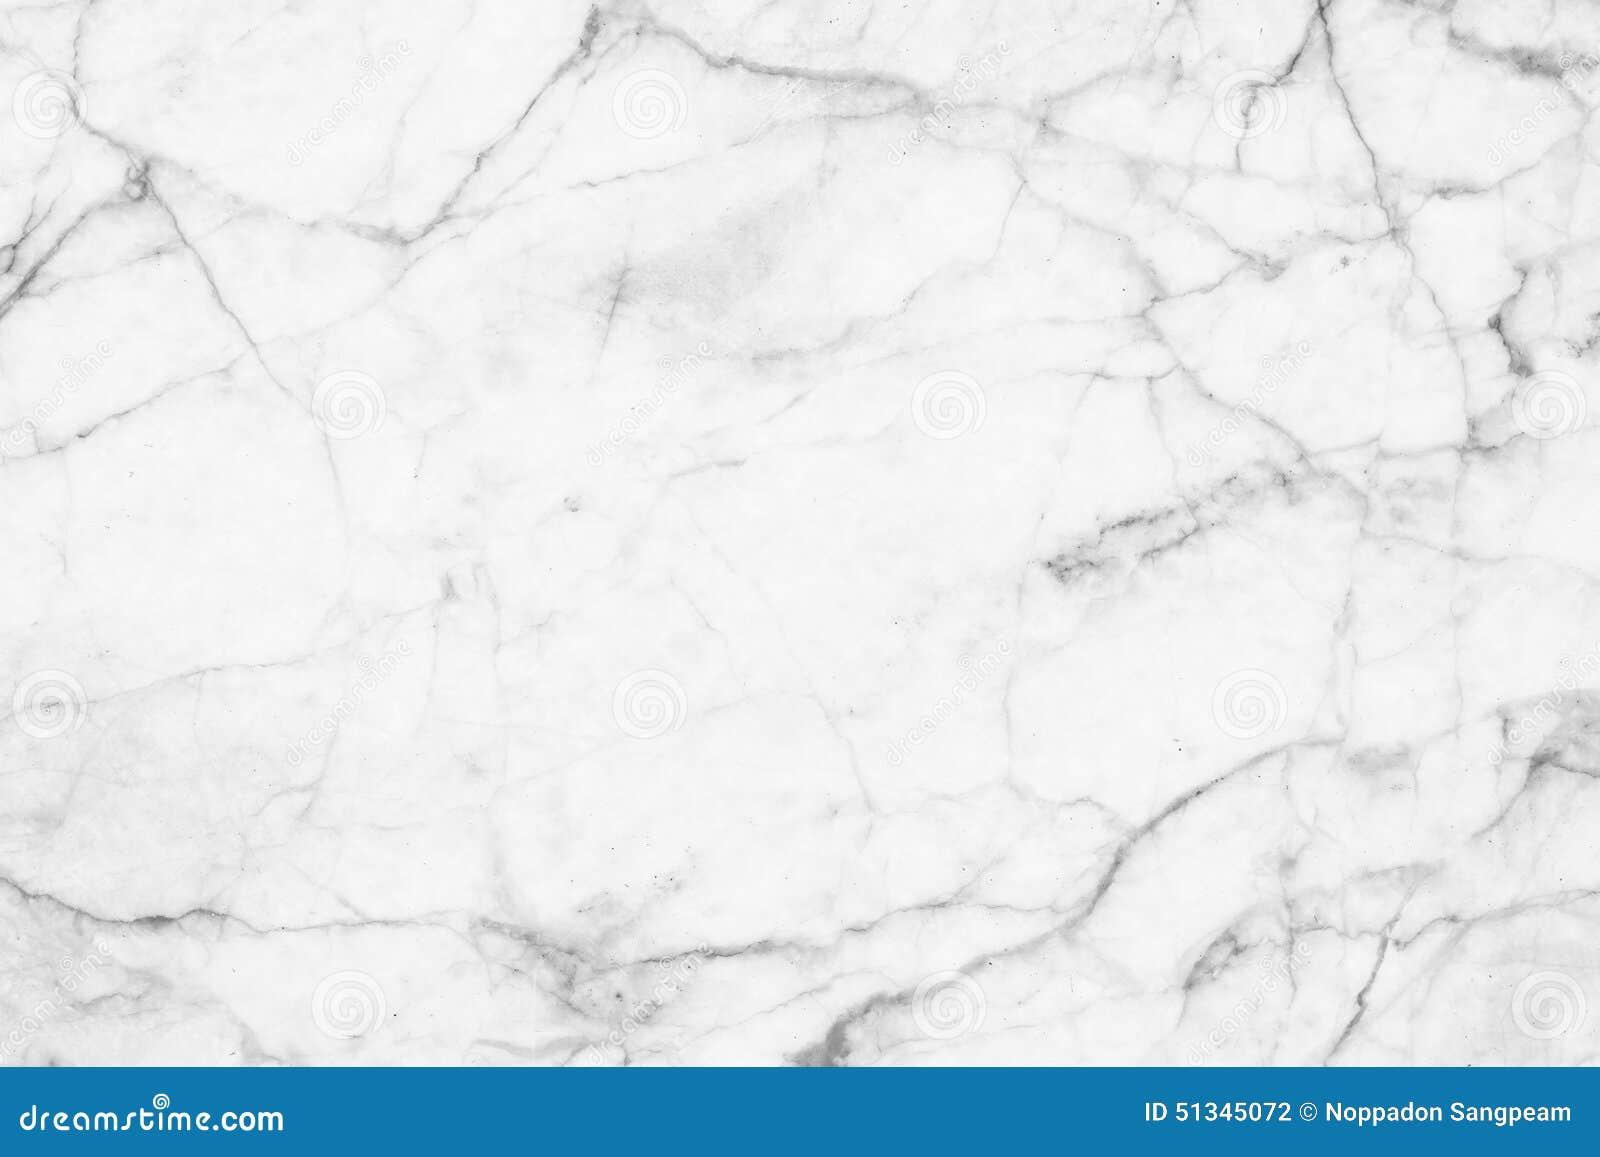 Abstrakt svartvit marmor mönstrad texturbakgrund (för naturliga modeller)